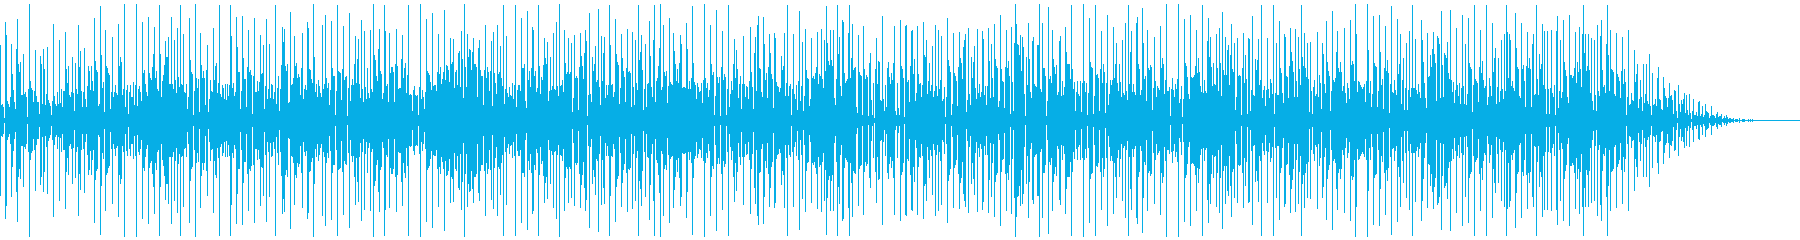 古臭くコミカルさのあるファンクの再生済みの波形